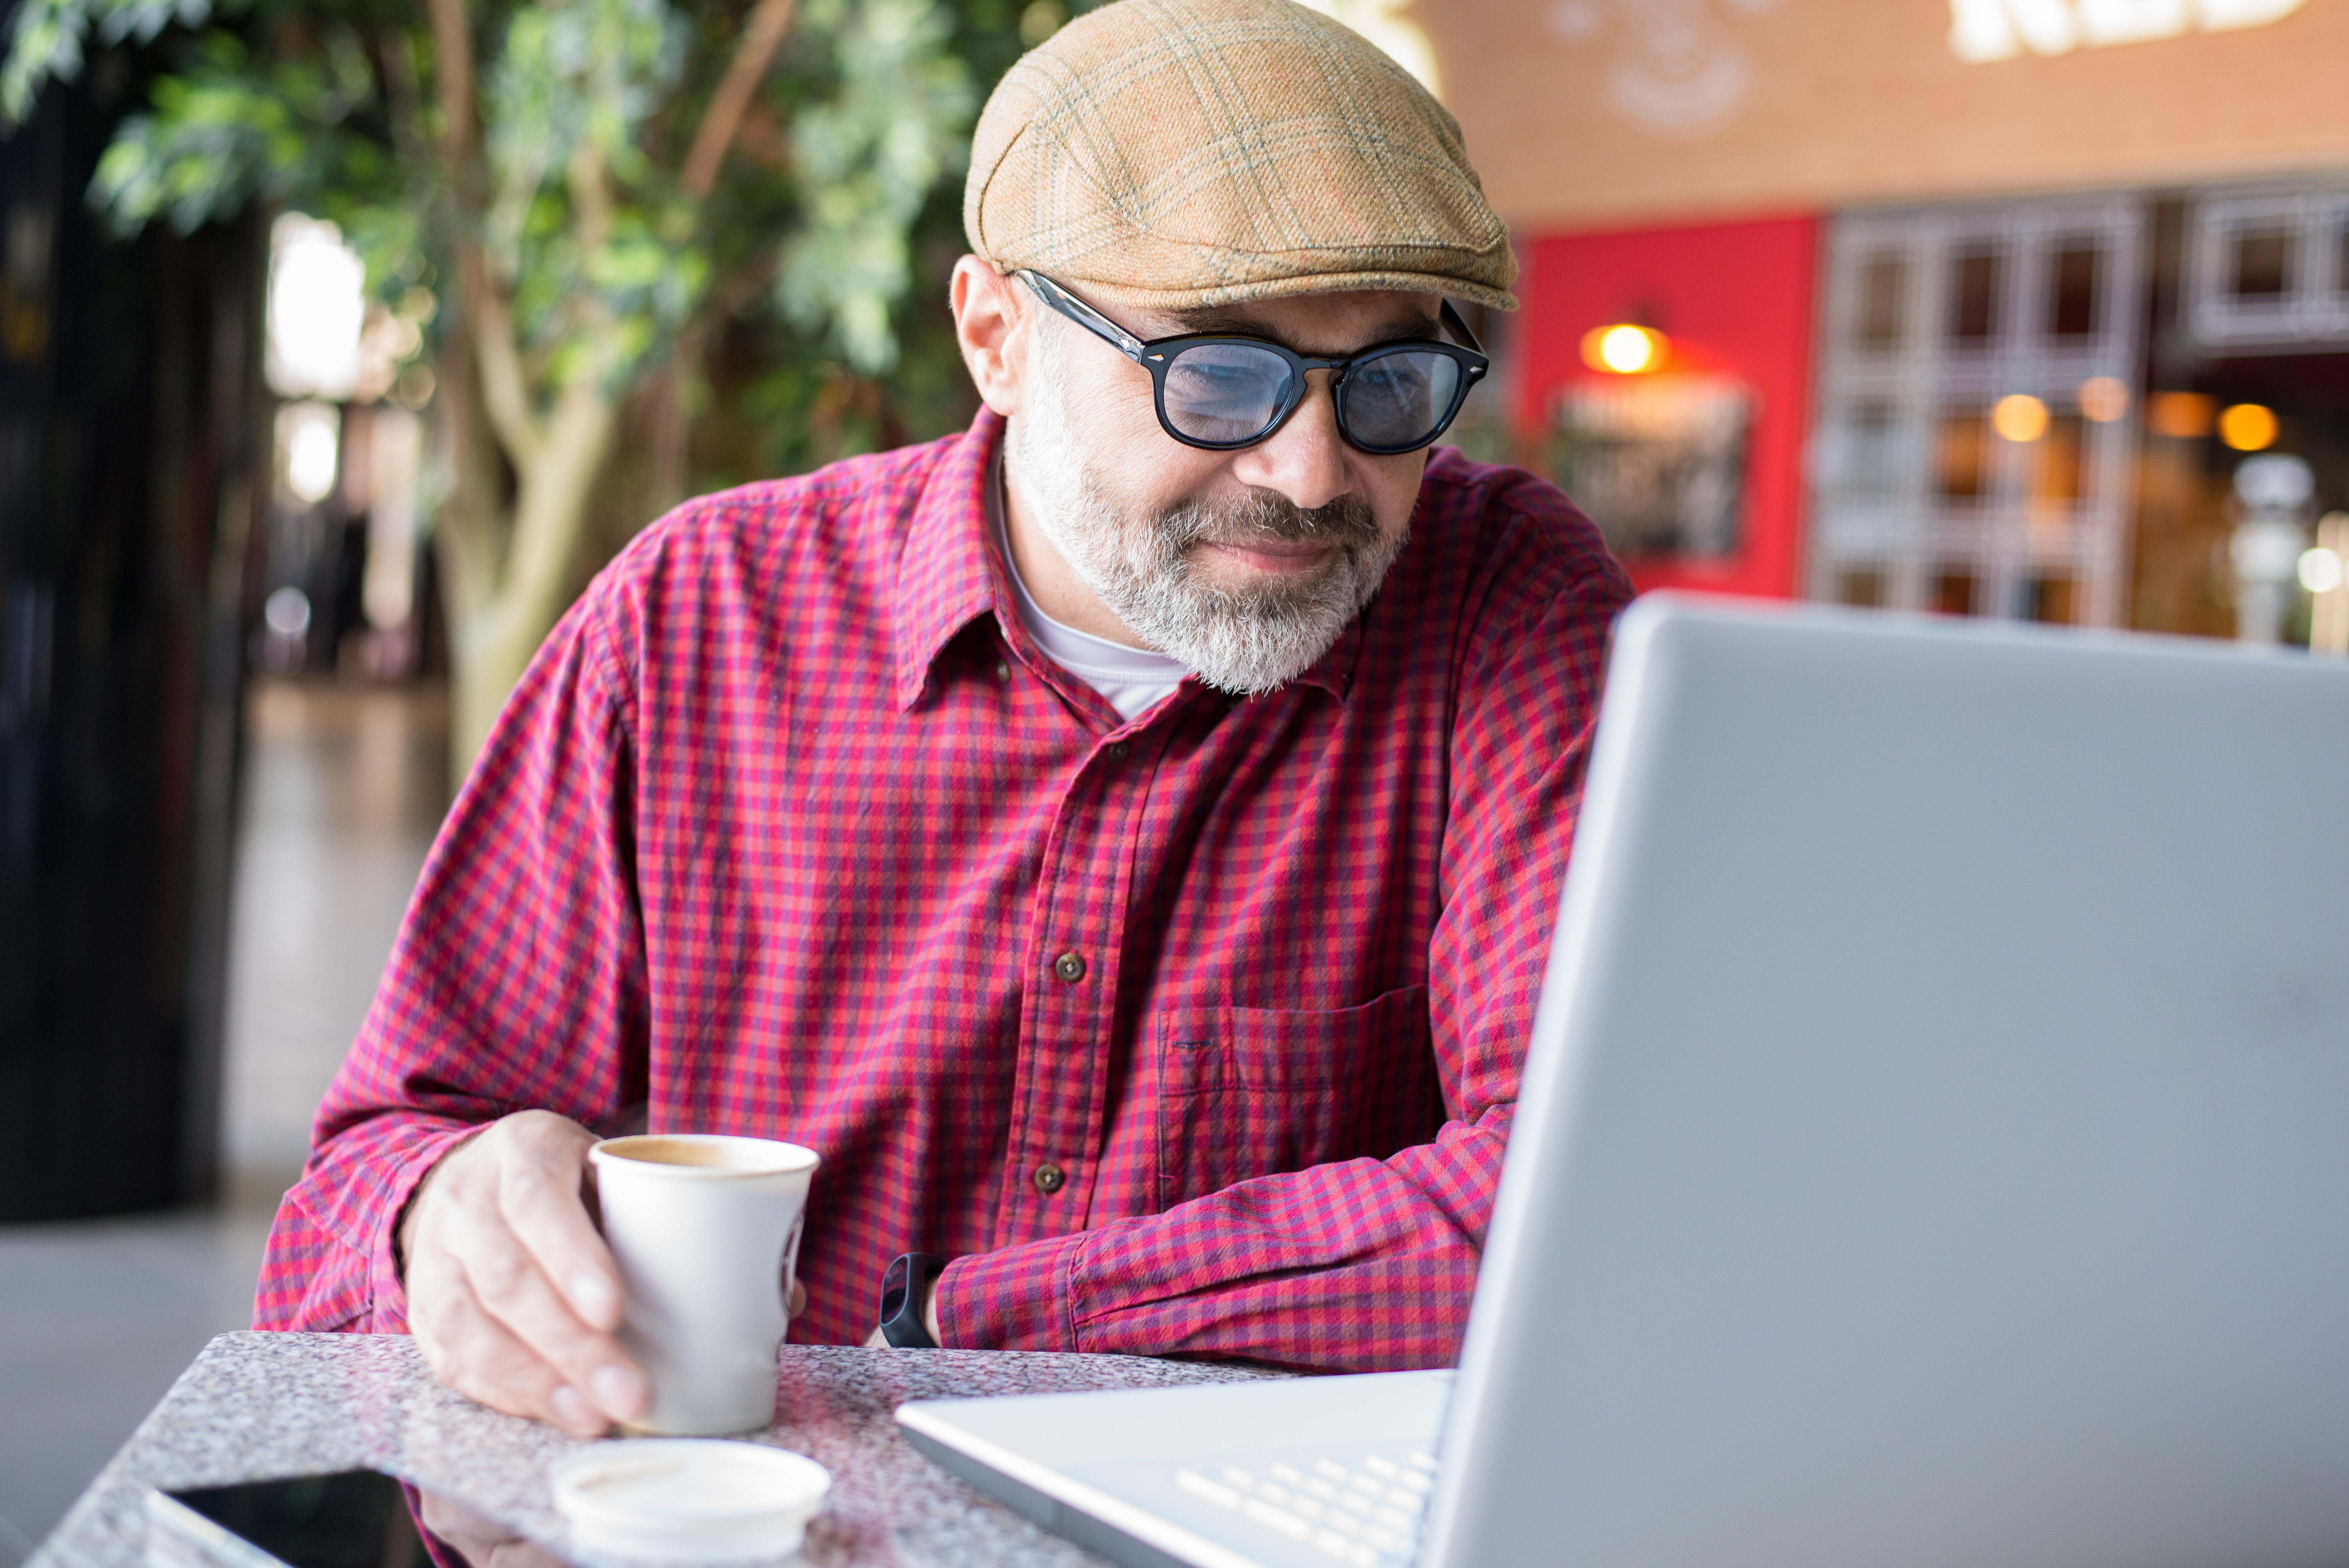 Resultatet från studien visar att deltagarna som bar glasögon i snitt hade 30 procent högre sannolikhet att vara intelligenta.